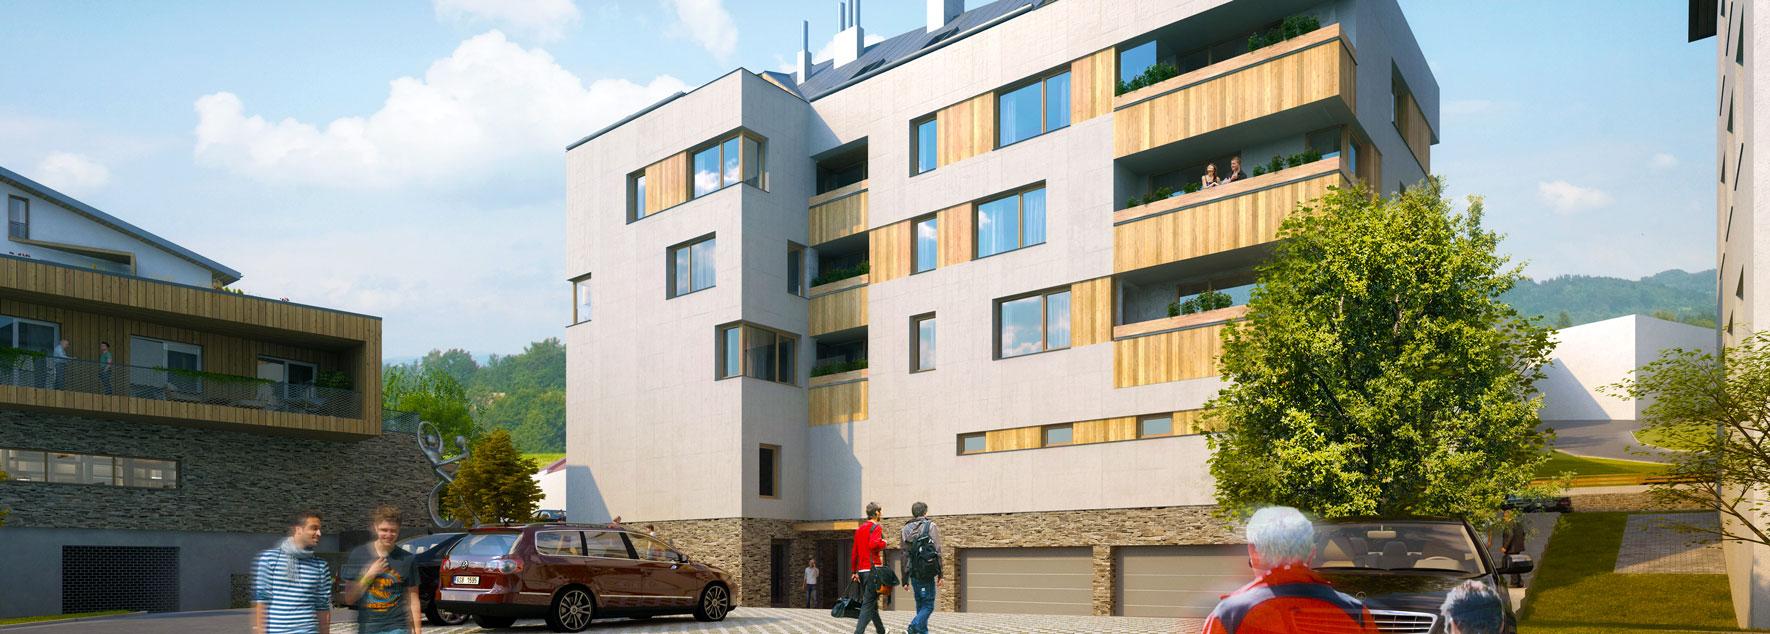 Rezidence-Klostermann-slide-nove4